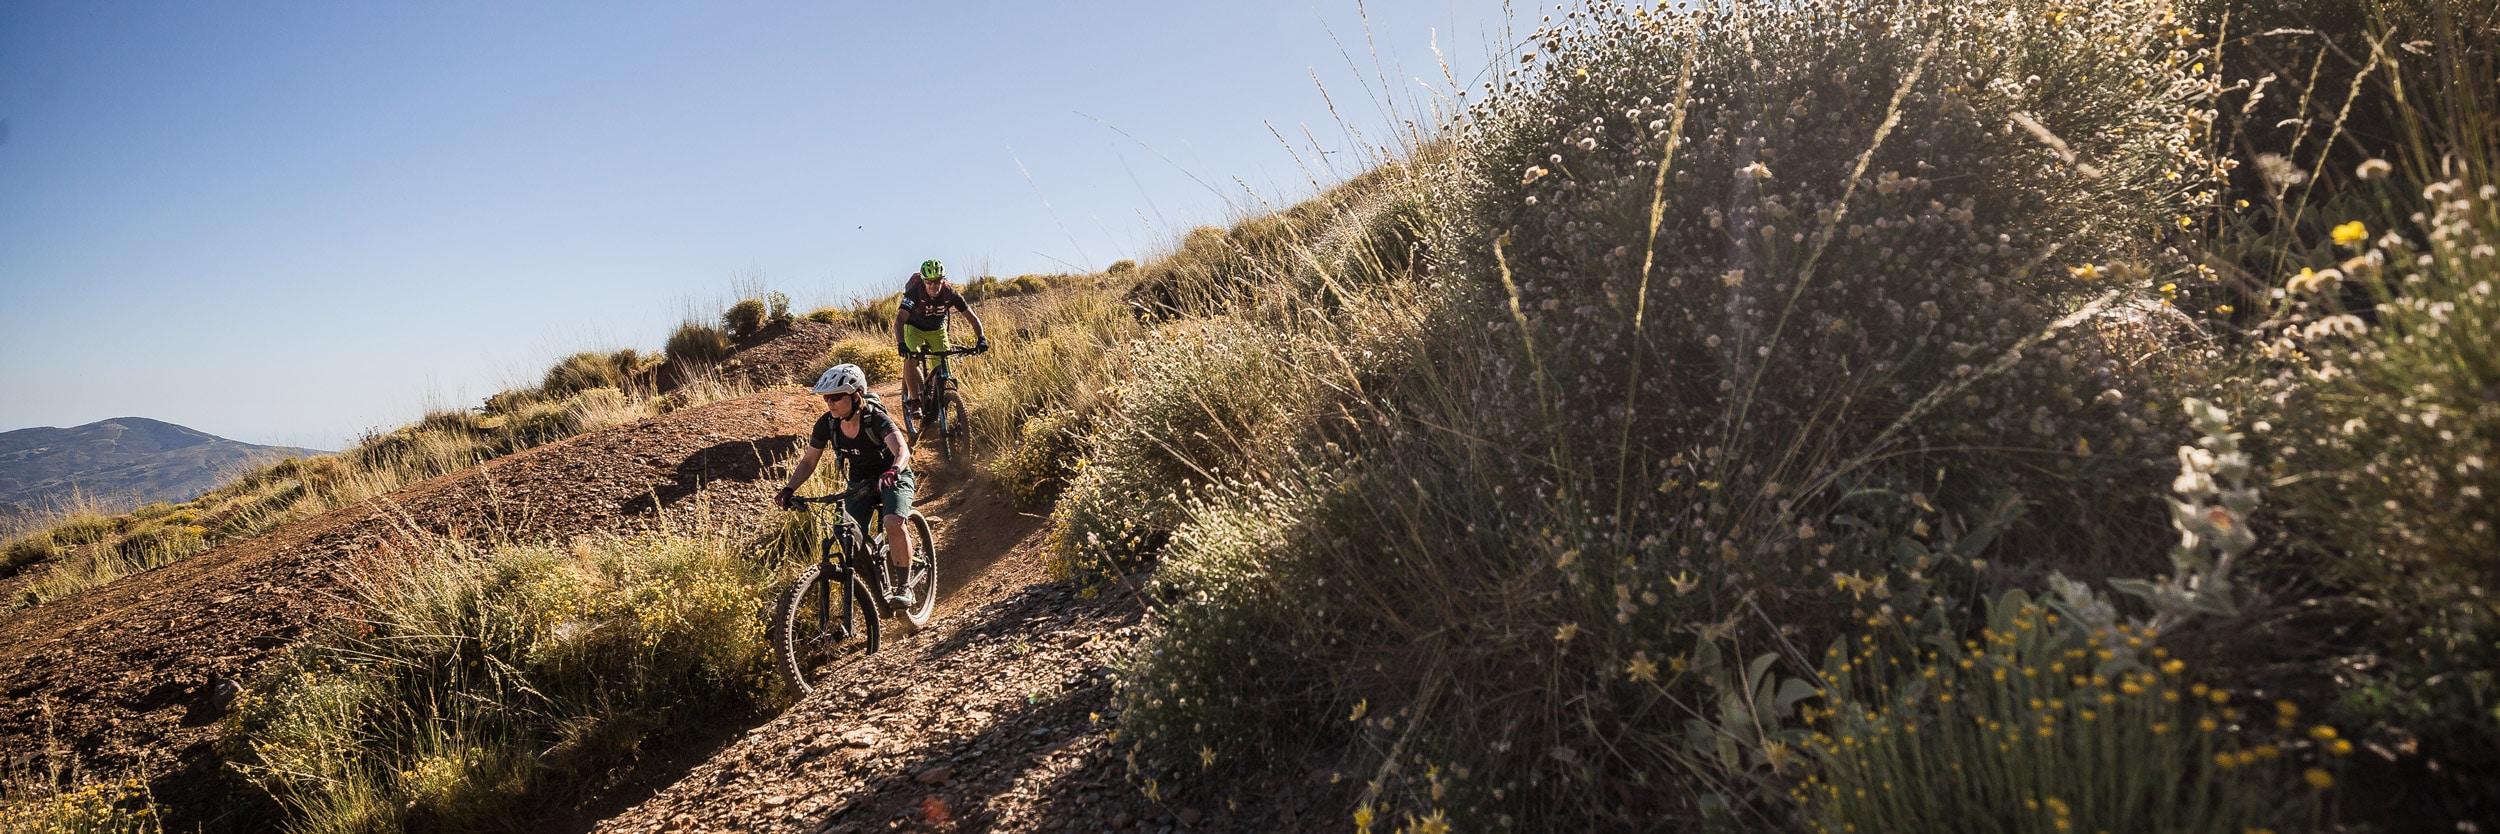 E-mountain bike tours, e-mountain bikers in Spain